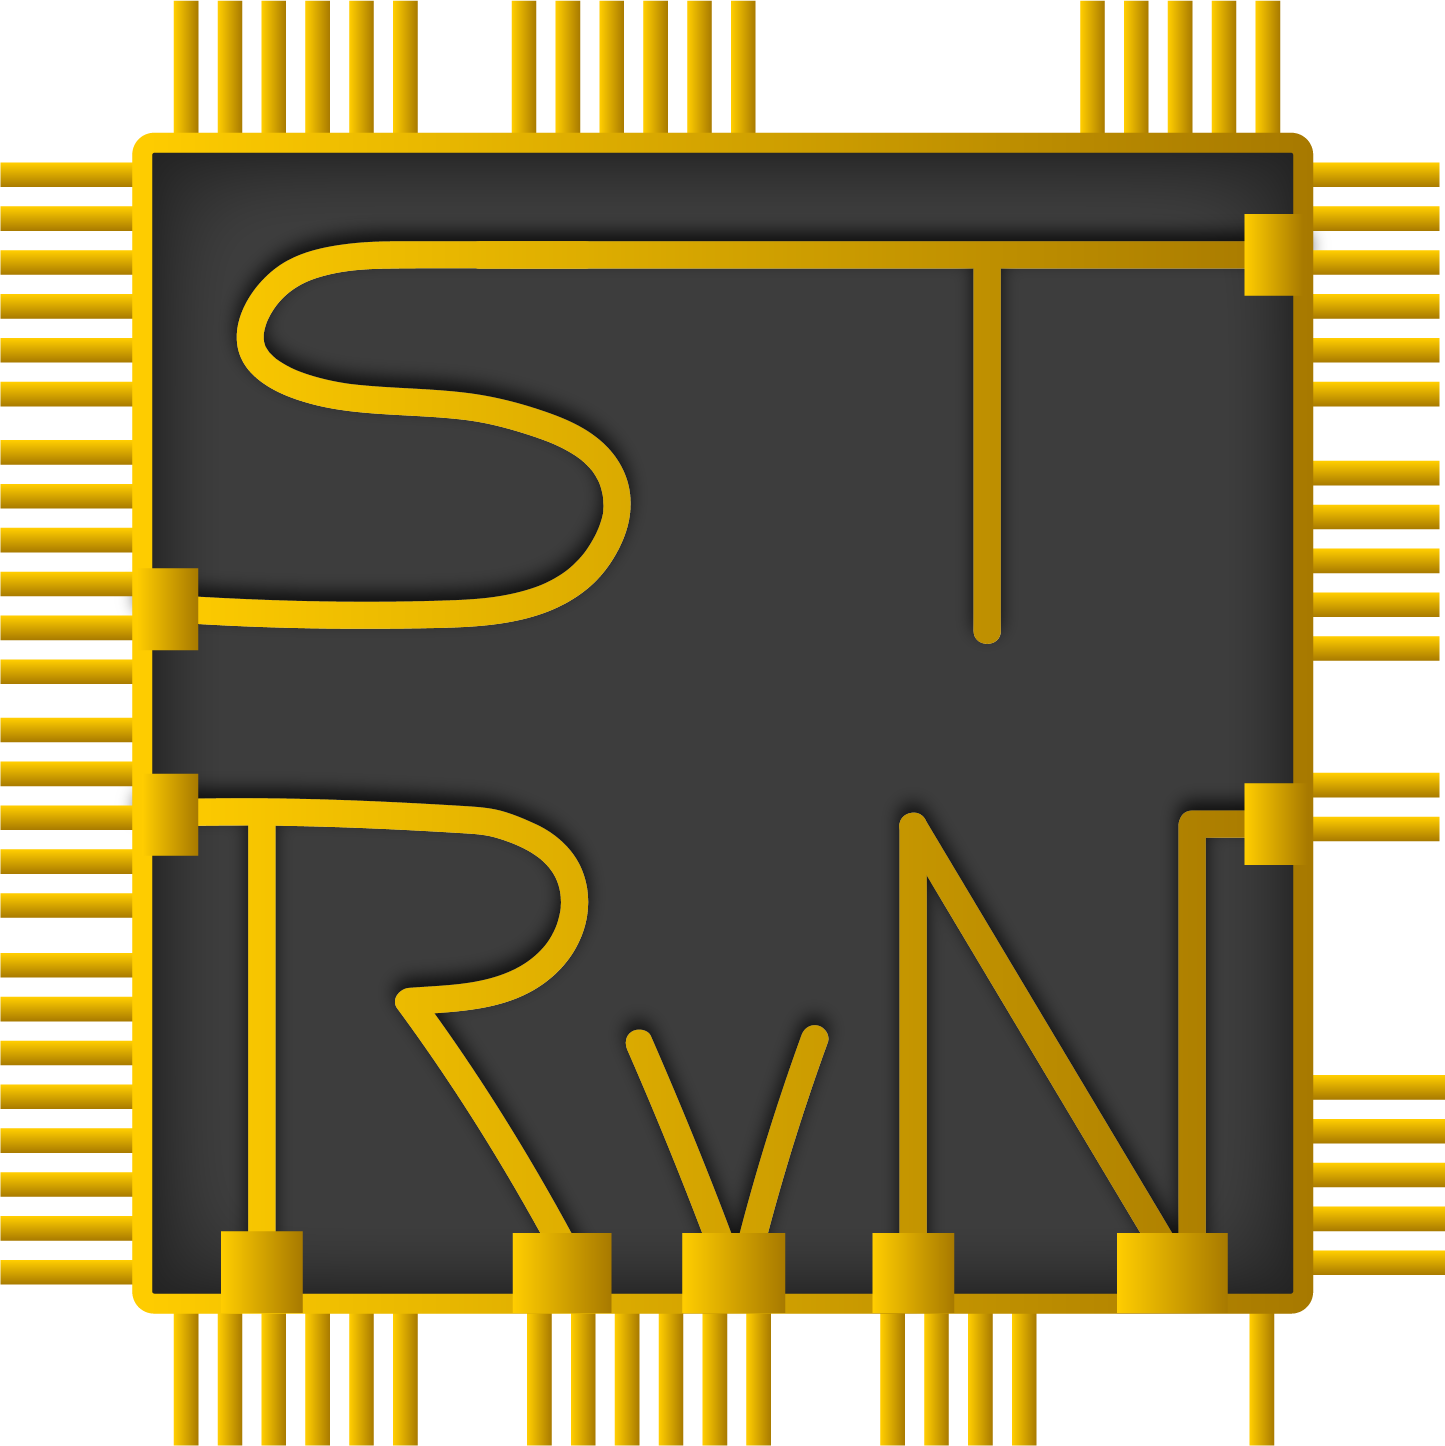 STRvN